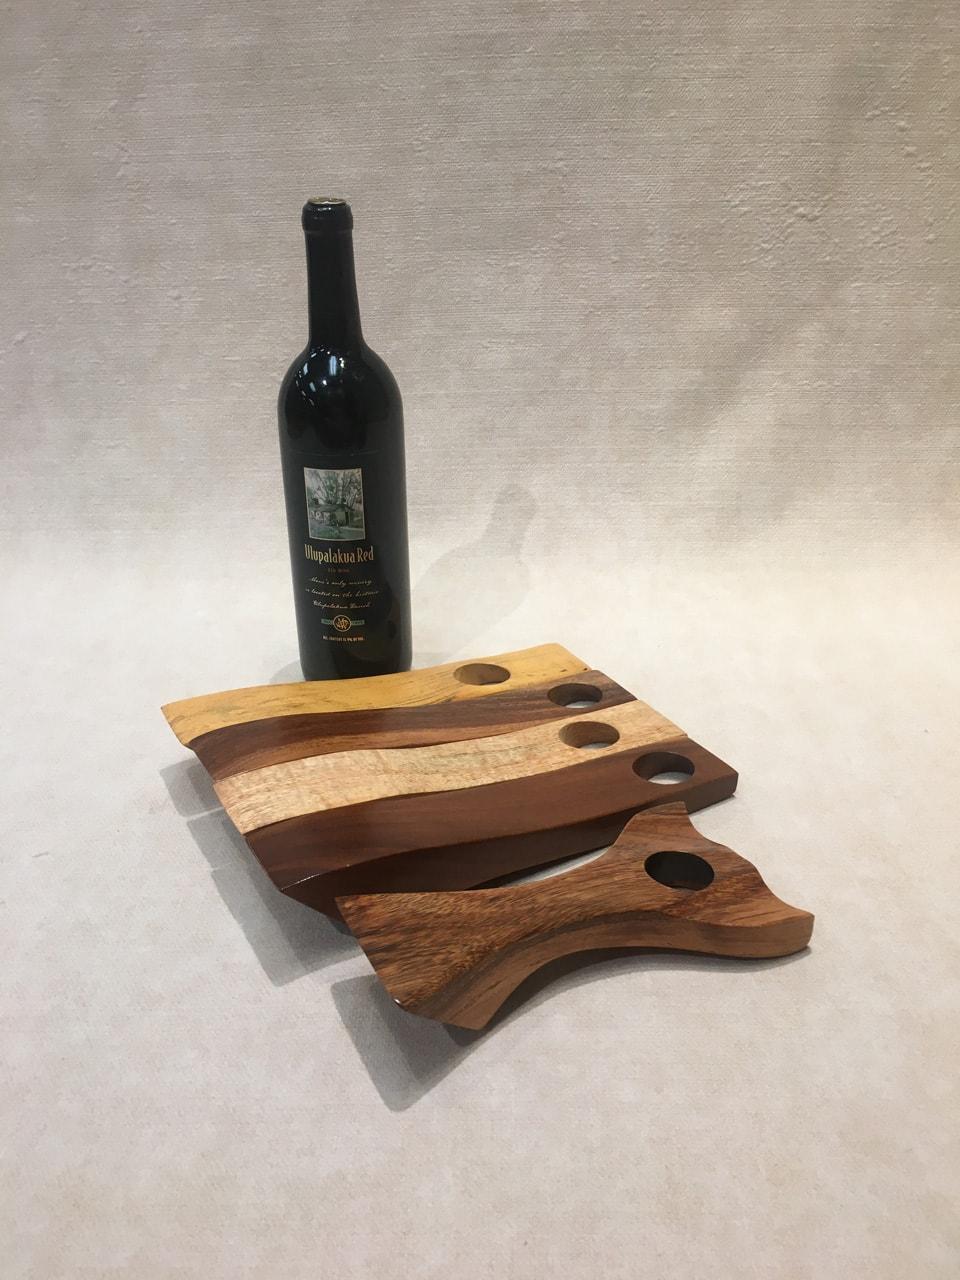 Wine Bottle Holders Group Shot